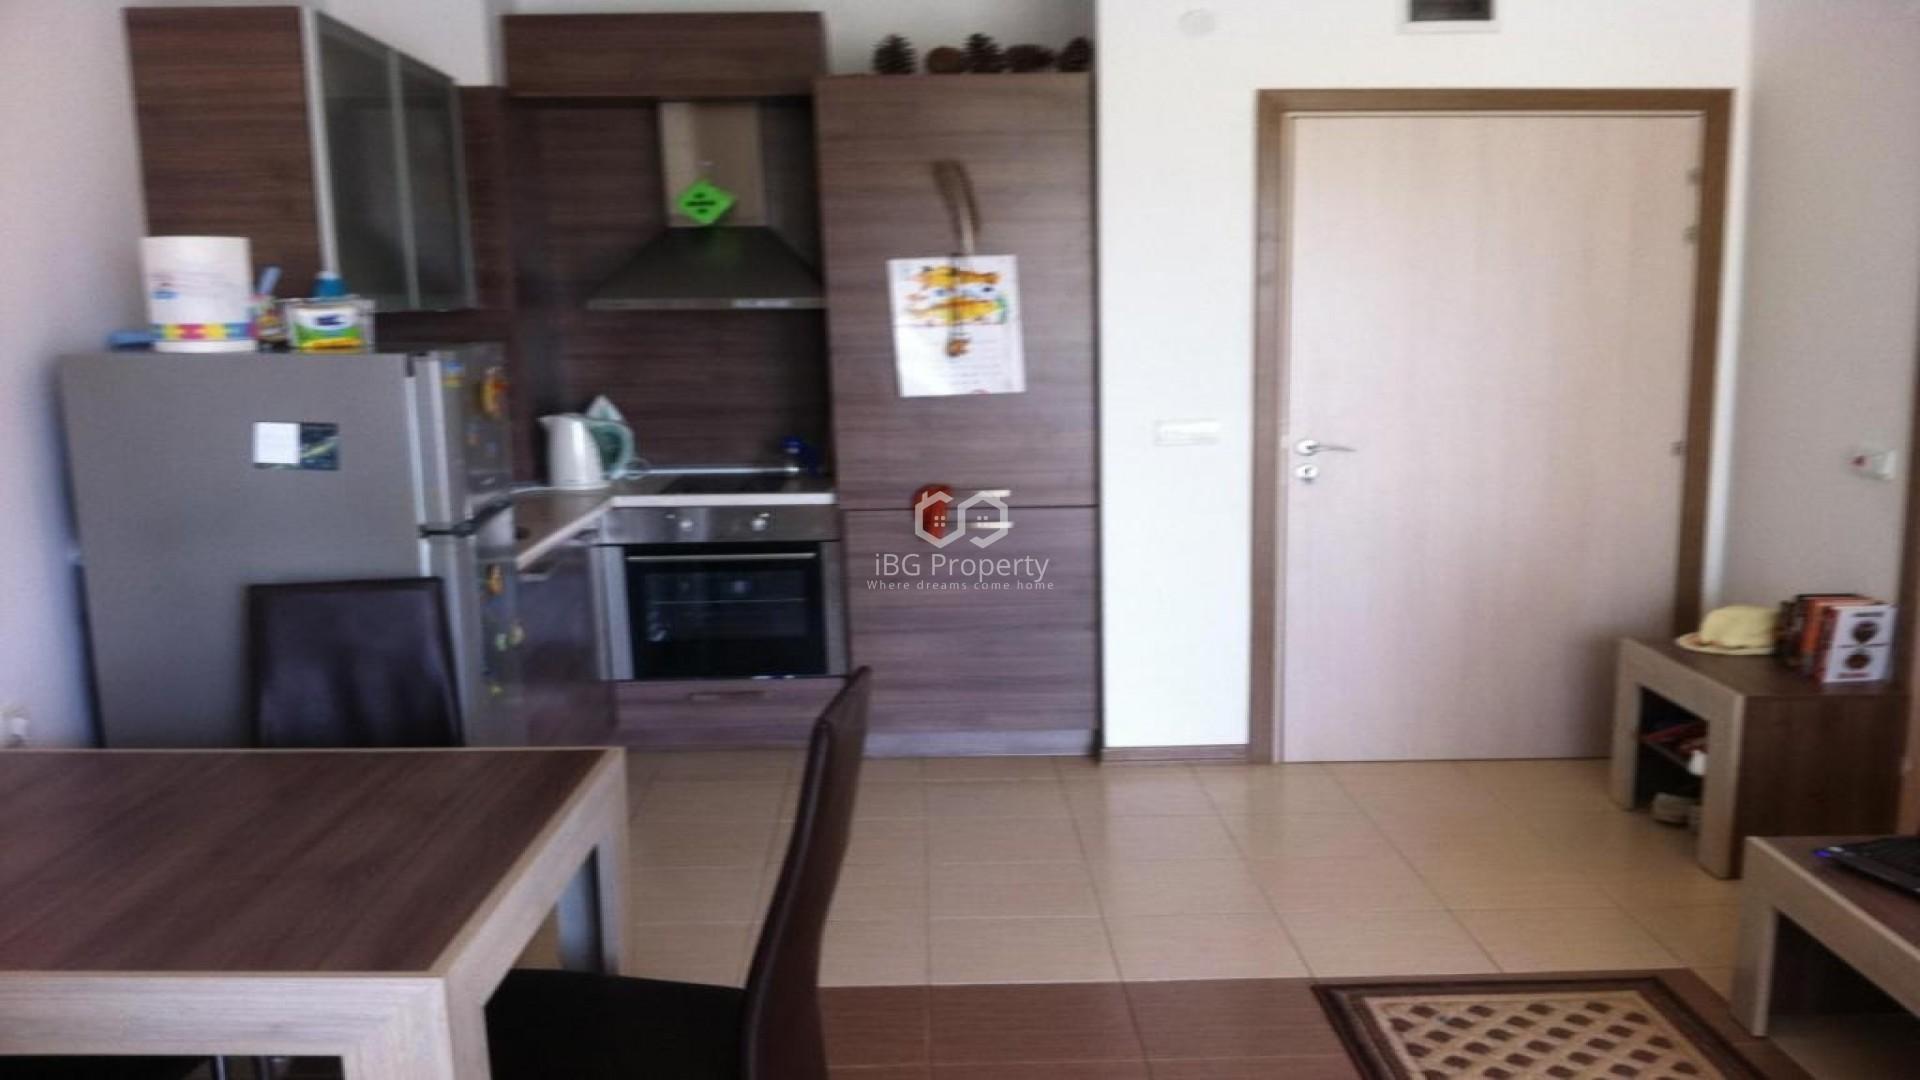 Eдностаен апартамент Черноморец 47 m2